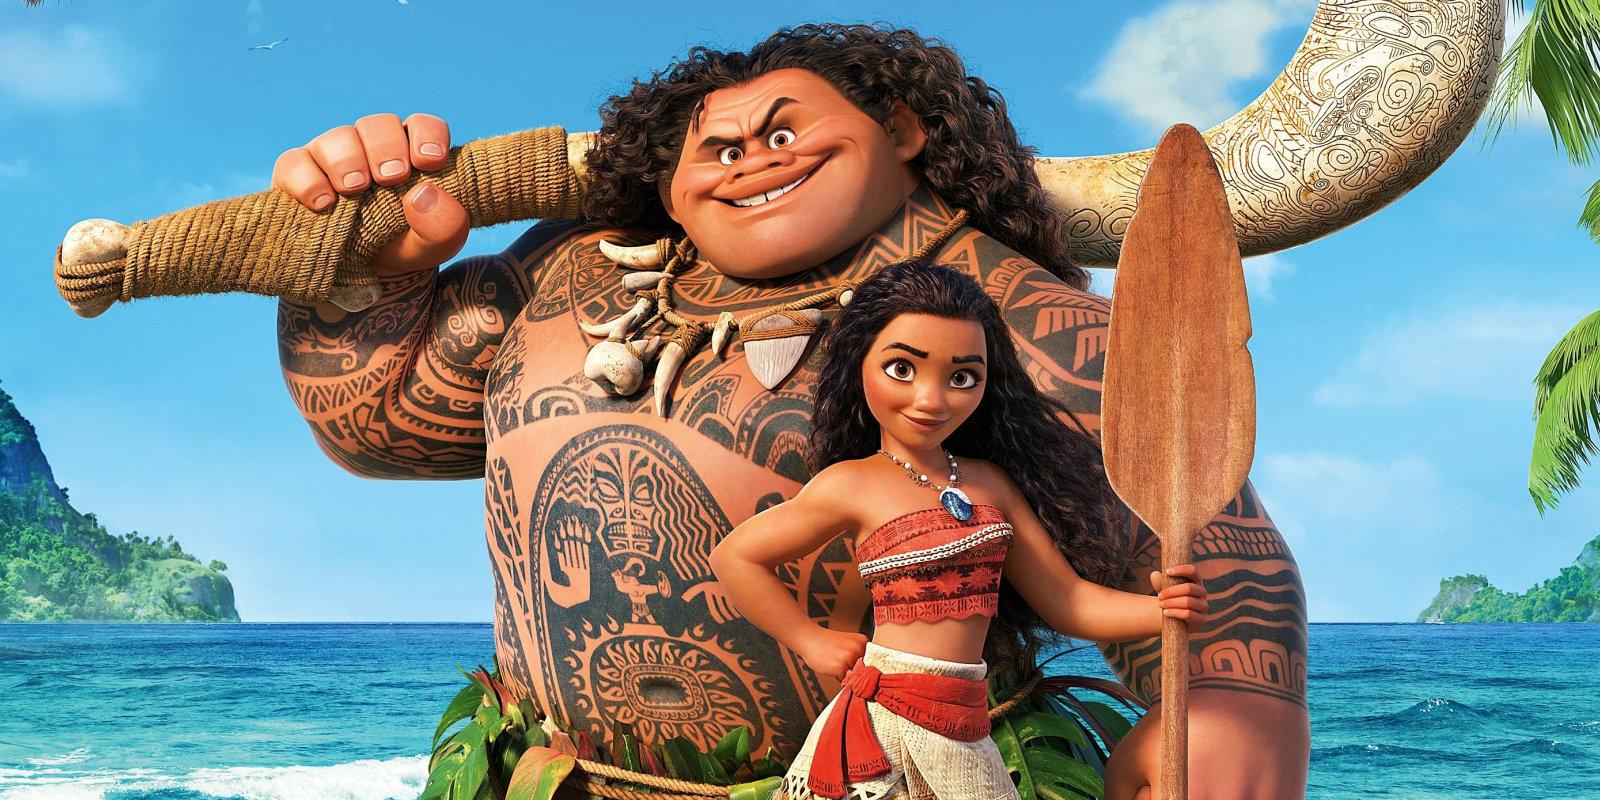 какие бывают картинки моана и мауи счастлива браке, несмотря